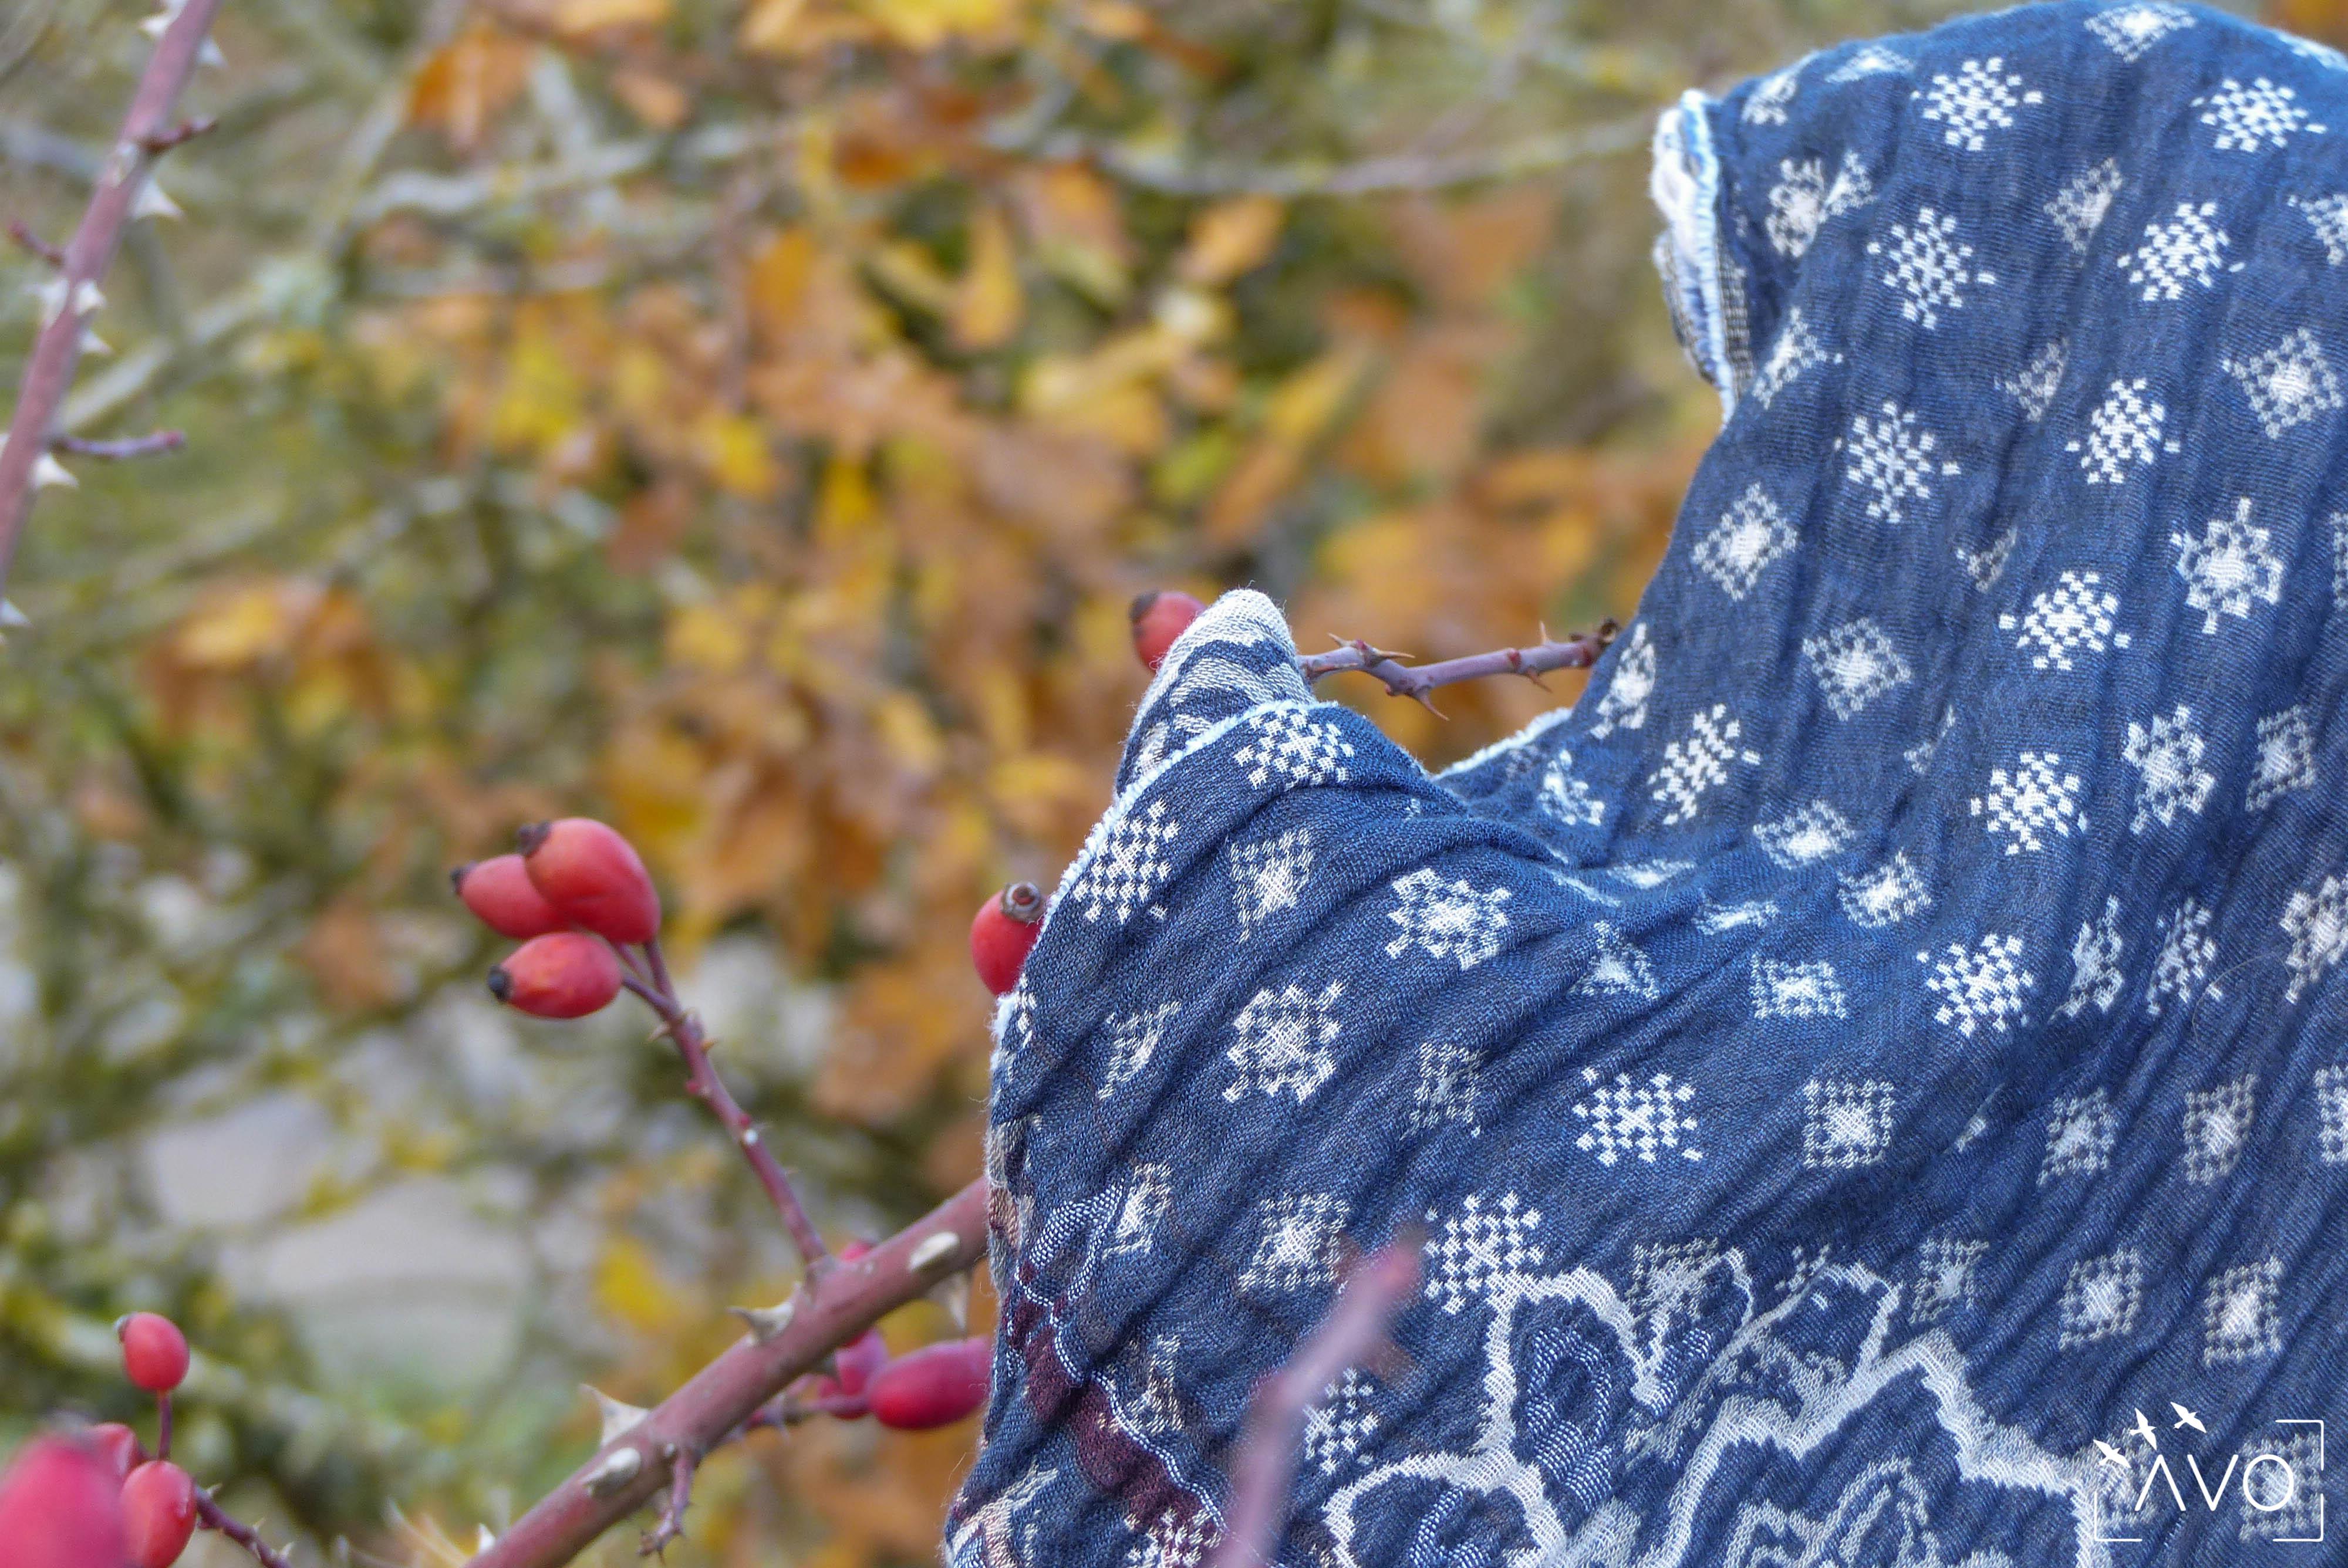 étole Létol foulard madeinfrance charlieu loire motif fleur géométrique beau dessin cadeau couleurs bleu marine nature